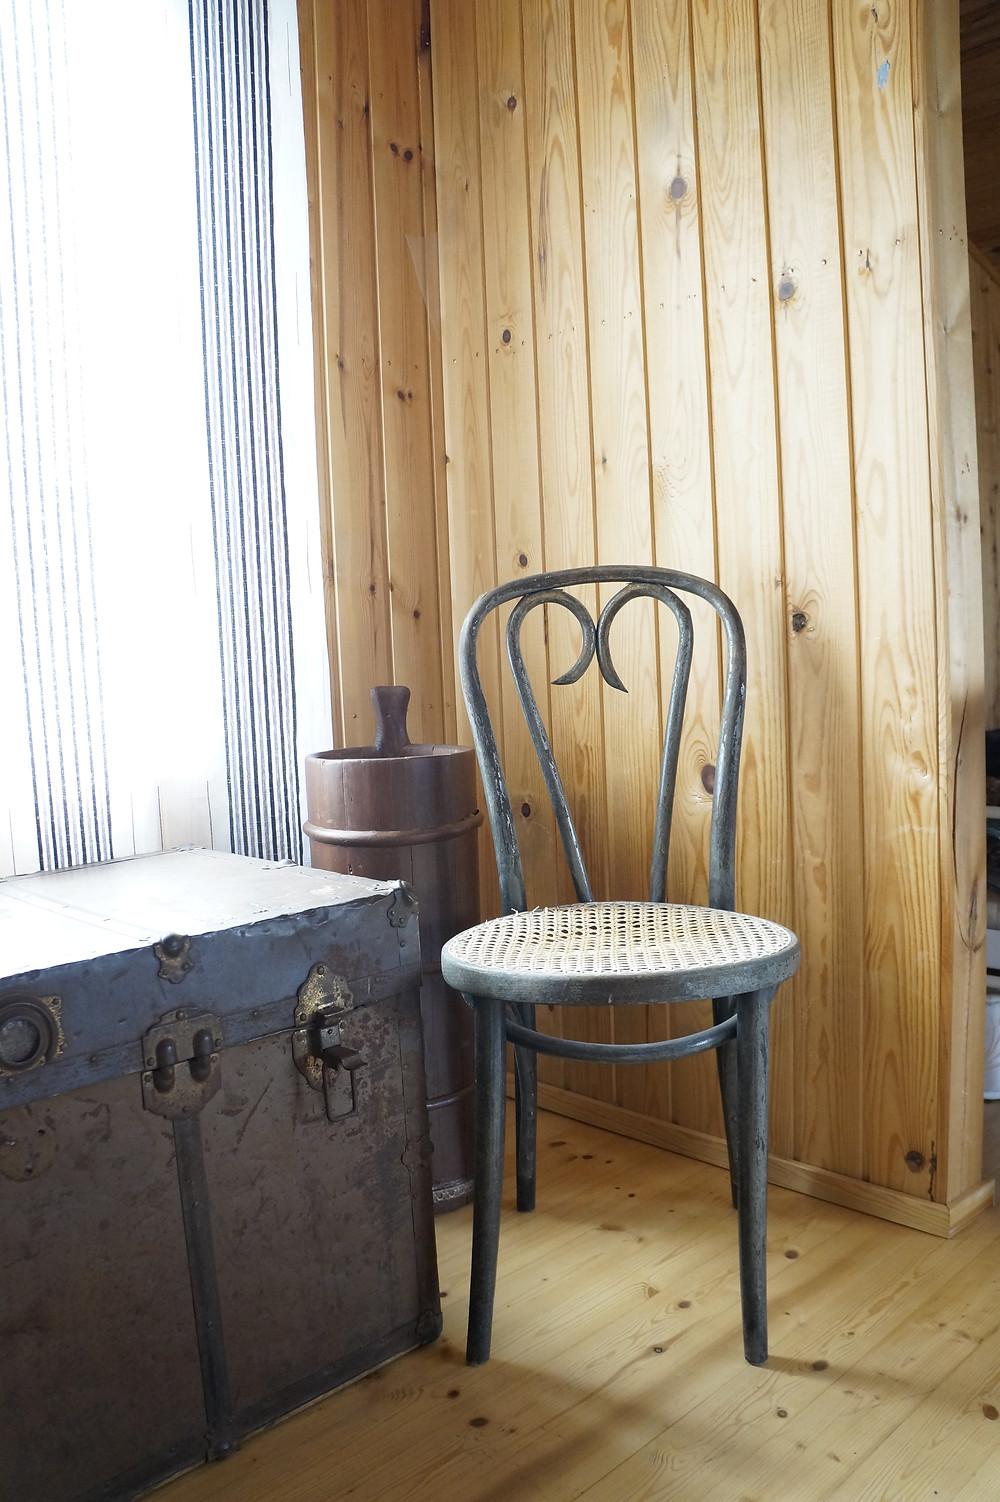 Ameriikanarkku ja verho kirpputorilta. Tuoli löytynyt ilmaiseksi kierrätyskeskuksesta, ja kirnu saatu lahjaksi.